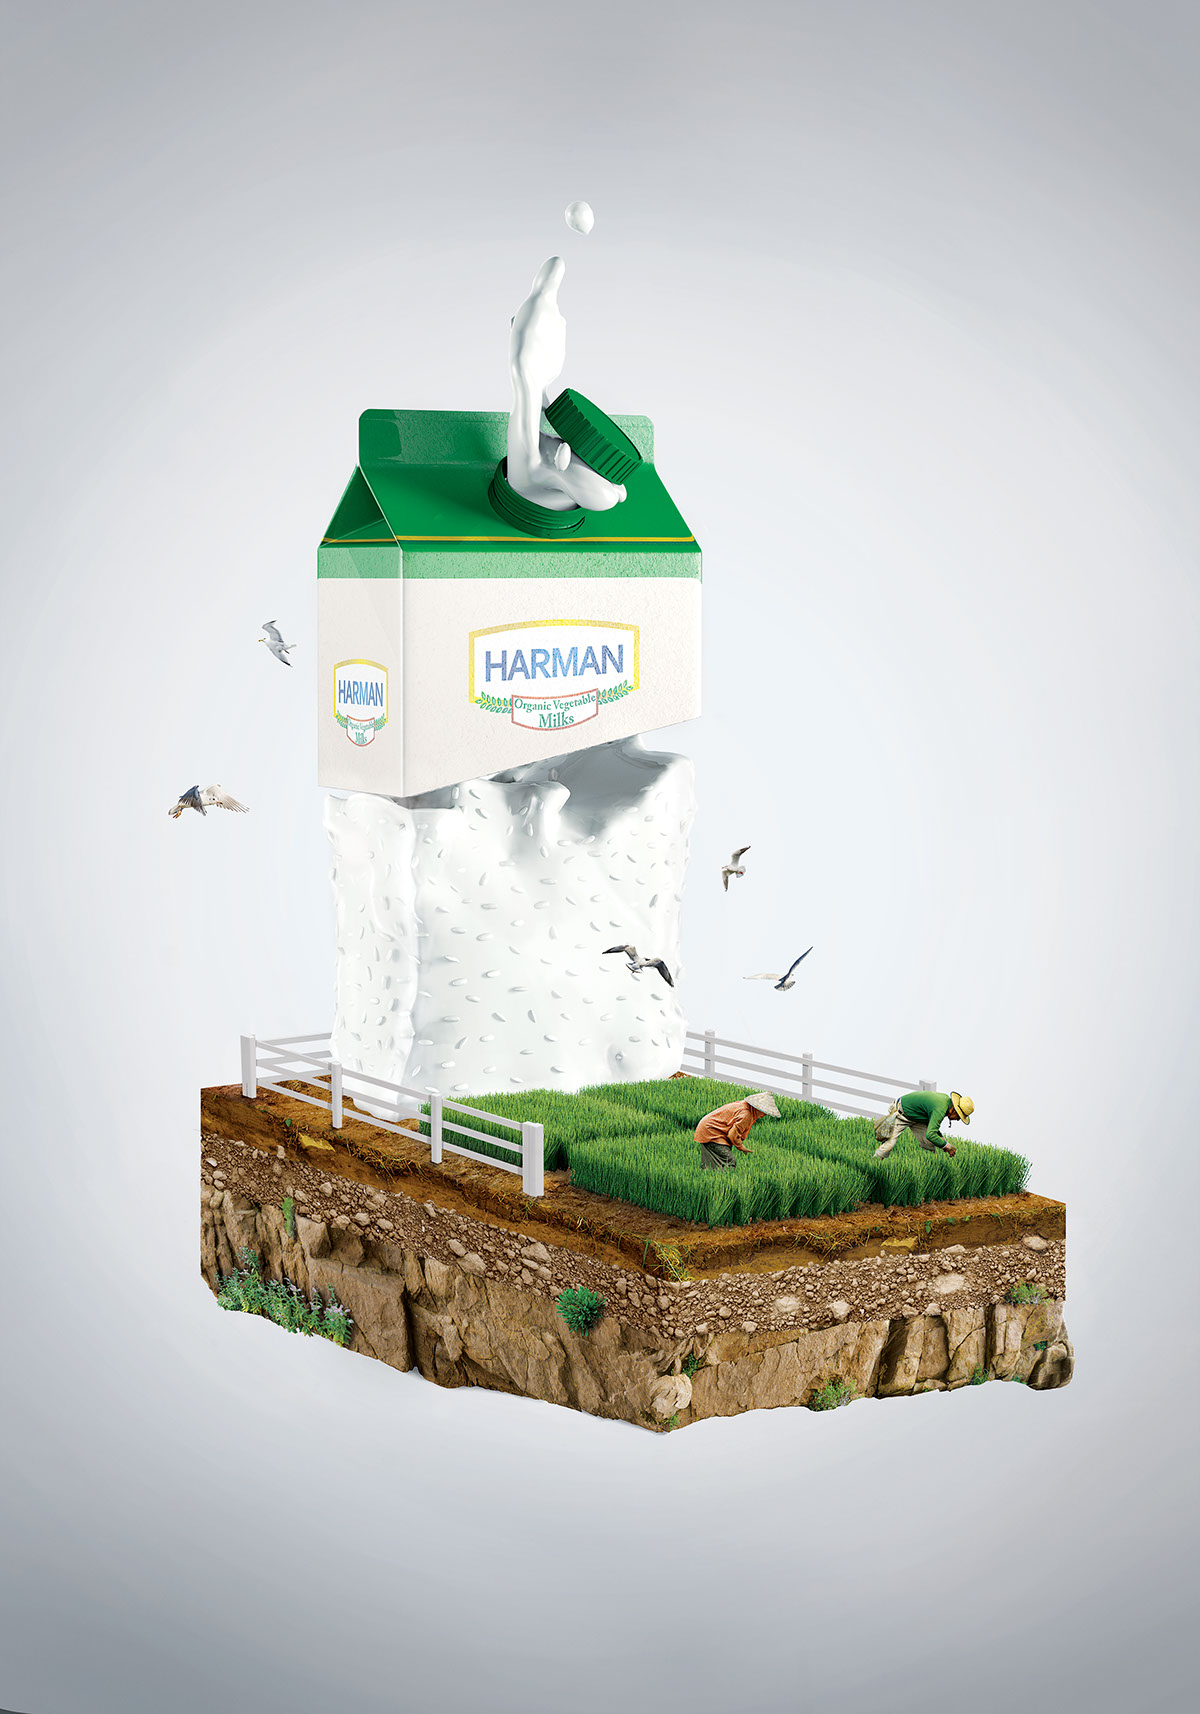 HARMAN /Organik Prinç Sütü